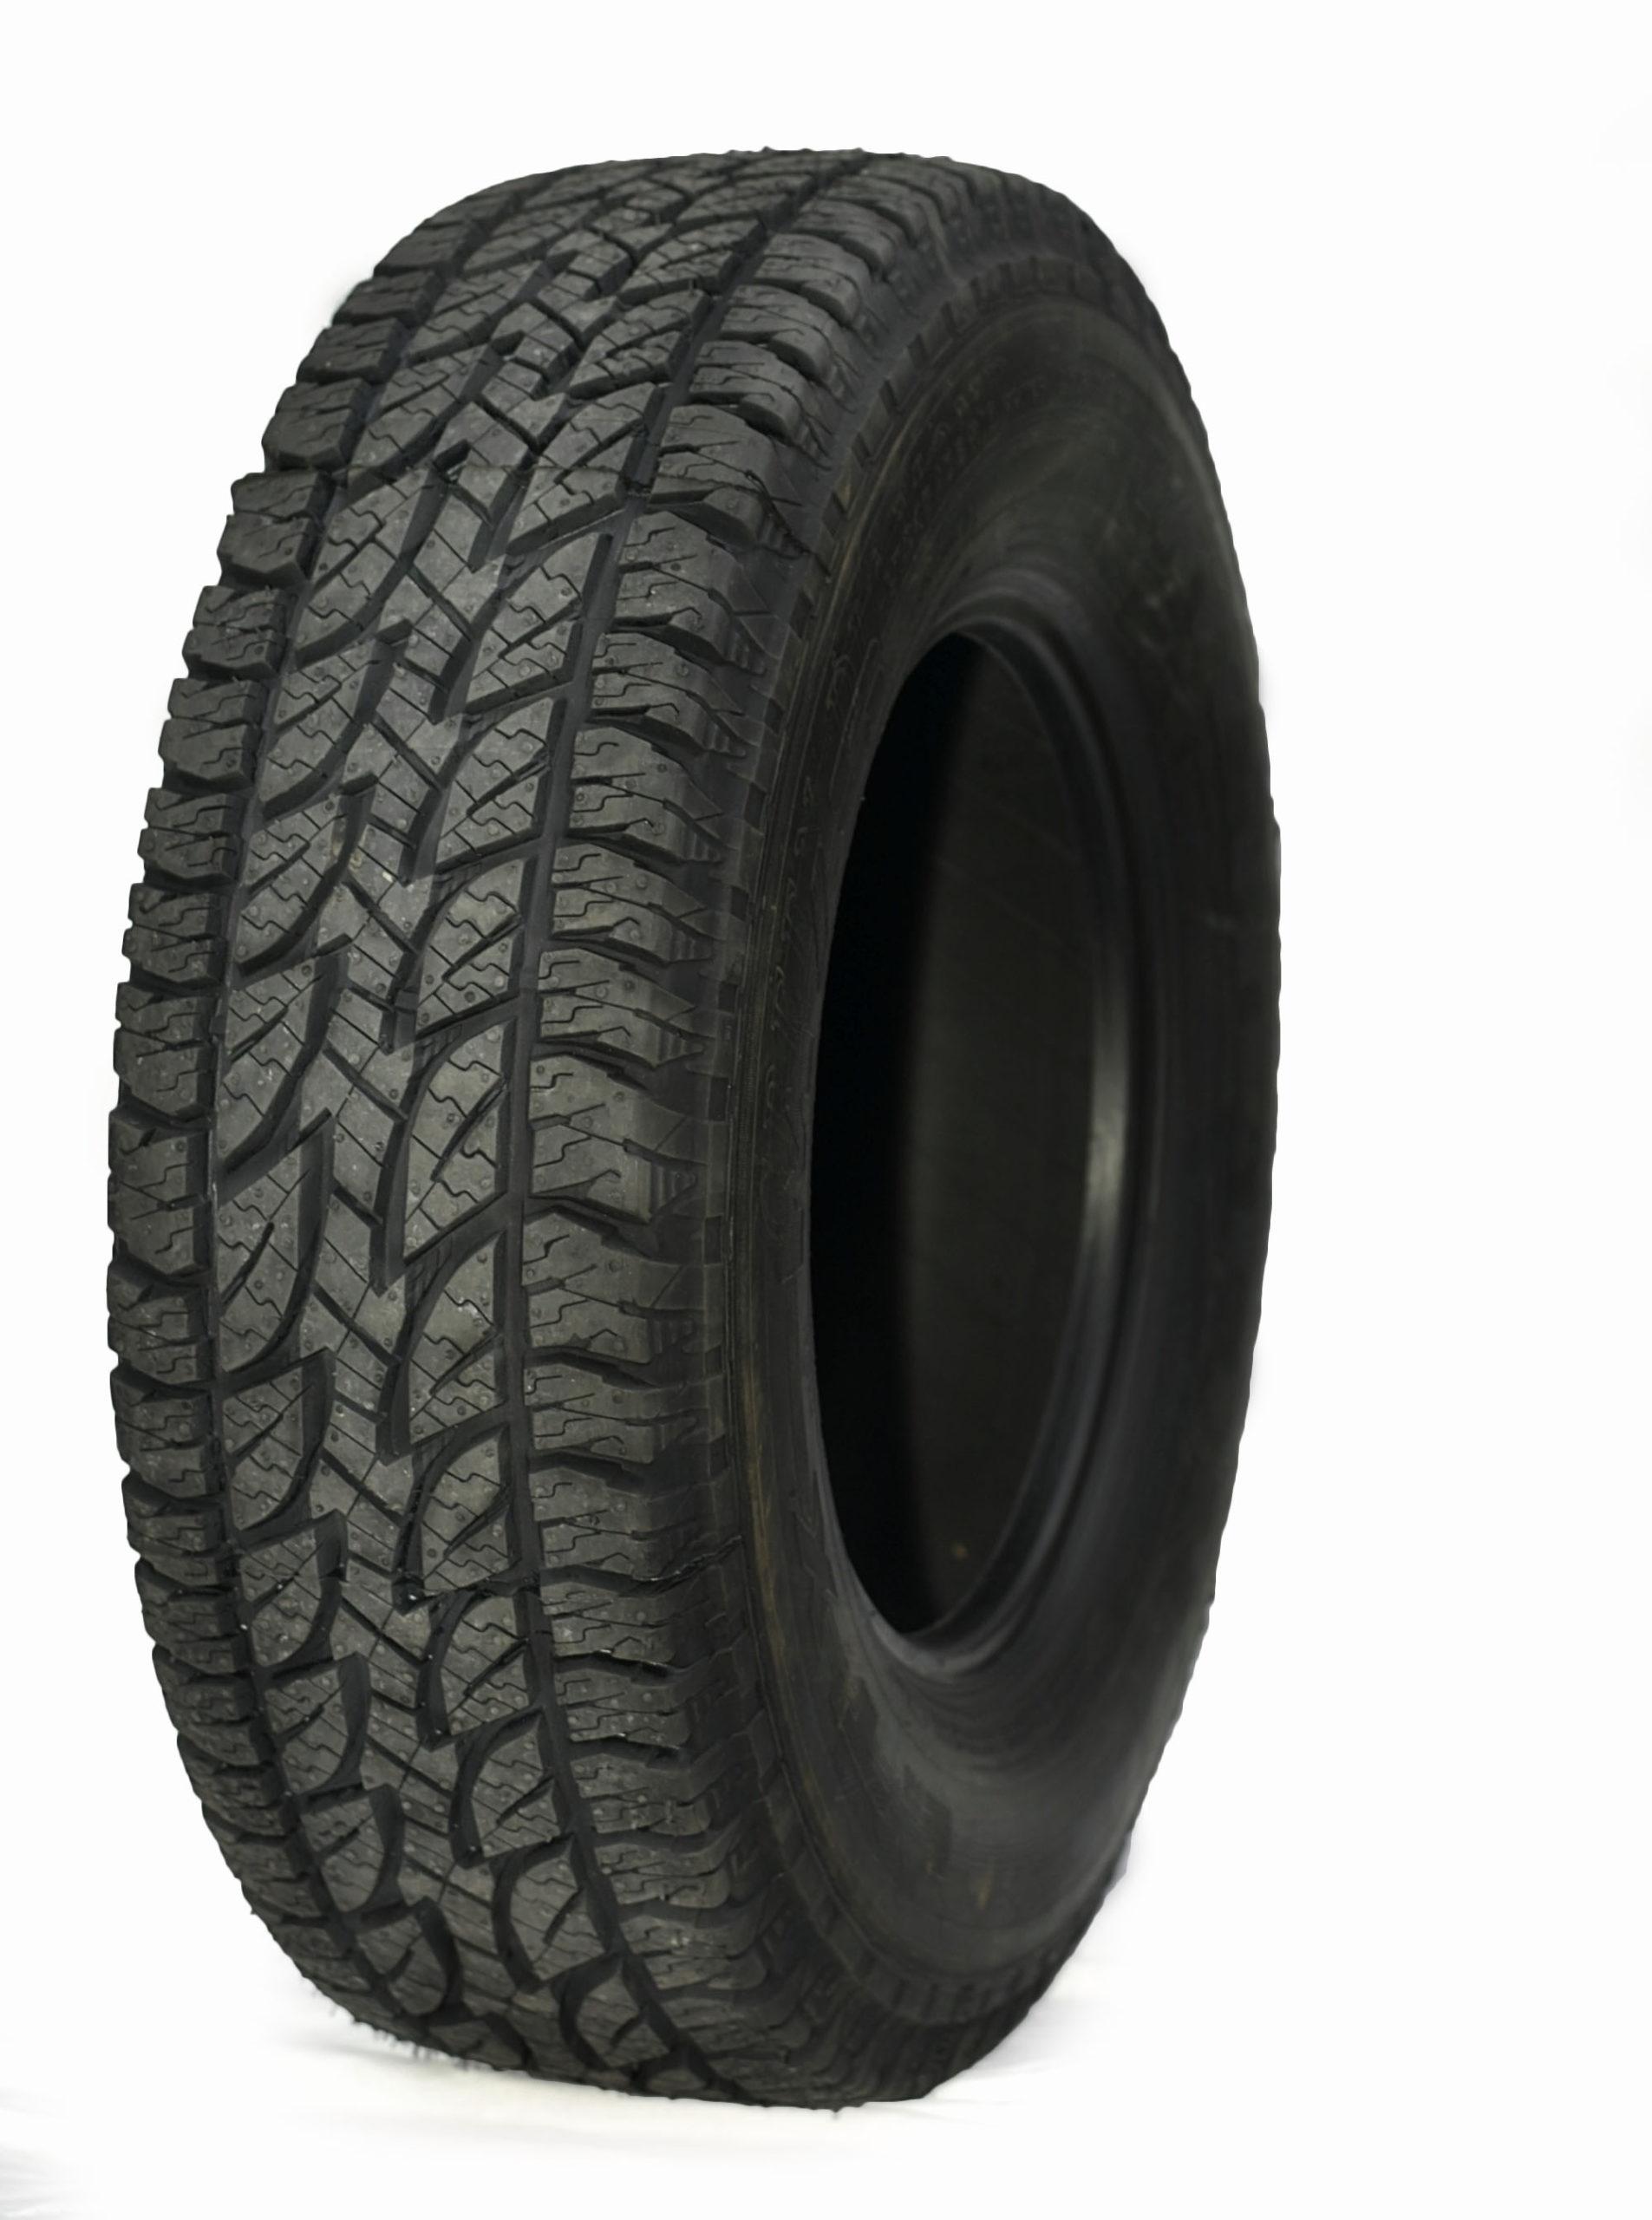 Tire Recappers - LT245/75R16 Retread Outlander A/T